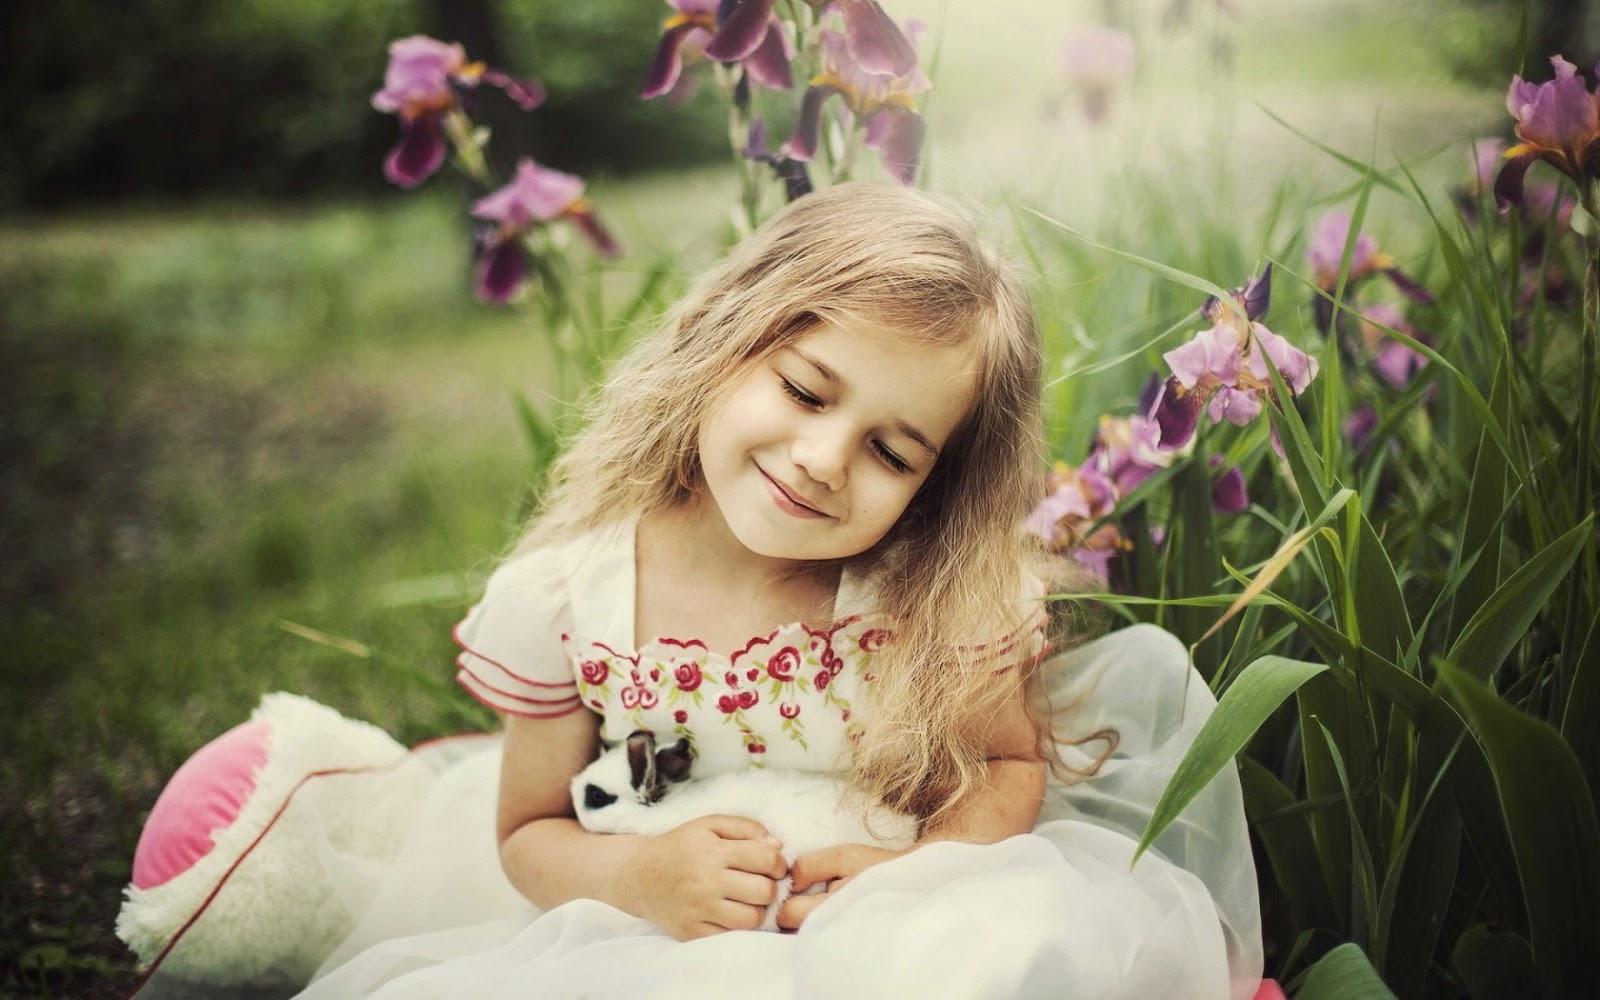 Gratis gambar anak perempuan cantik tersenyum dengan hewan kelinci